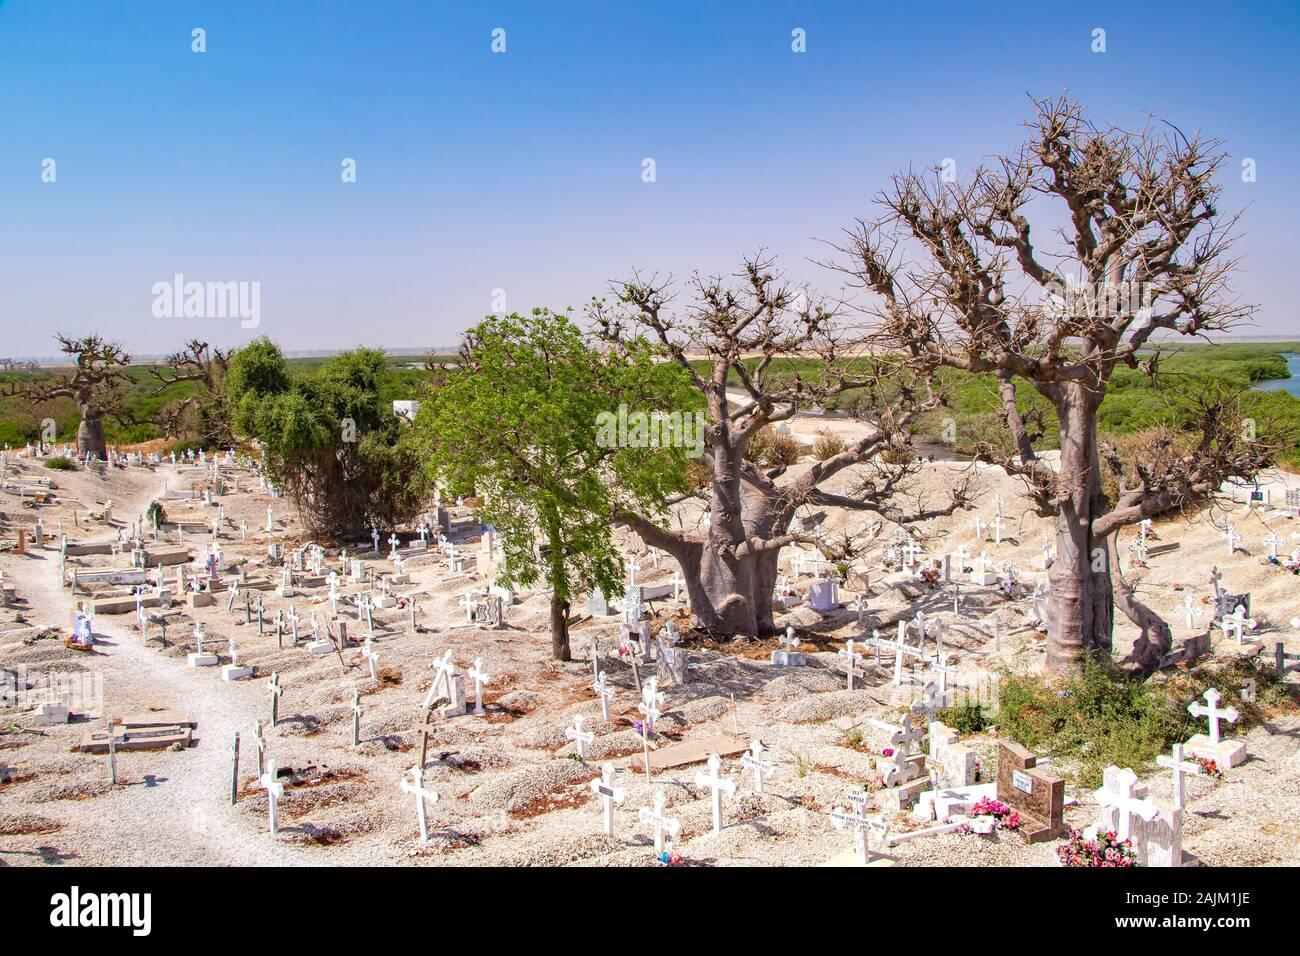 Joal-Fadiout, Sénégal - avril 26, 2019: les Baobabs sur le cimetière chrétien. Joal-Fadiouth ville et commune dans la région de Thiès à la fin de la Banque D'Images